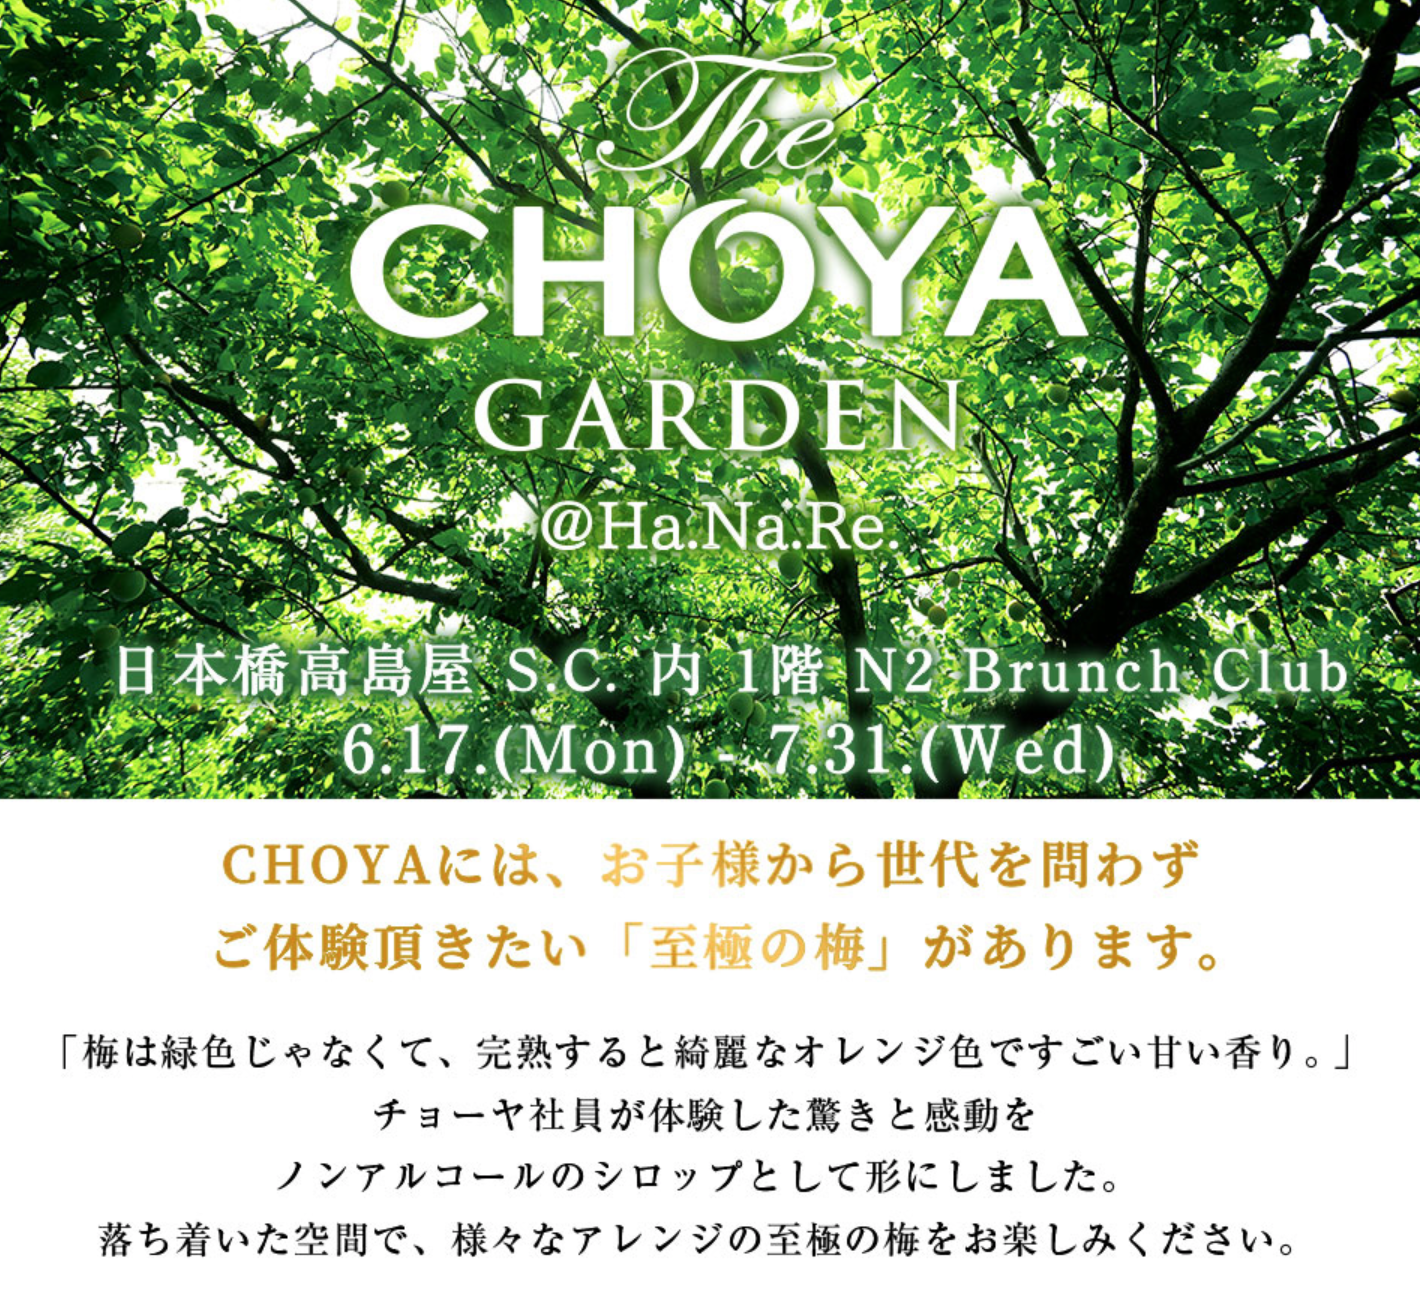 20190617 Choya.png